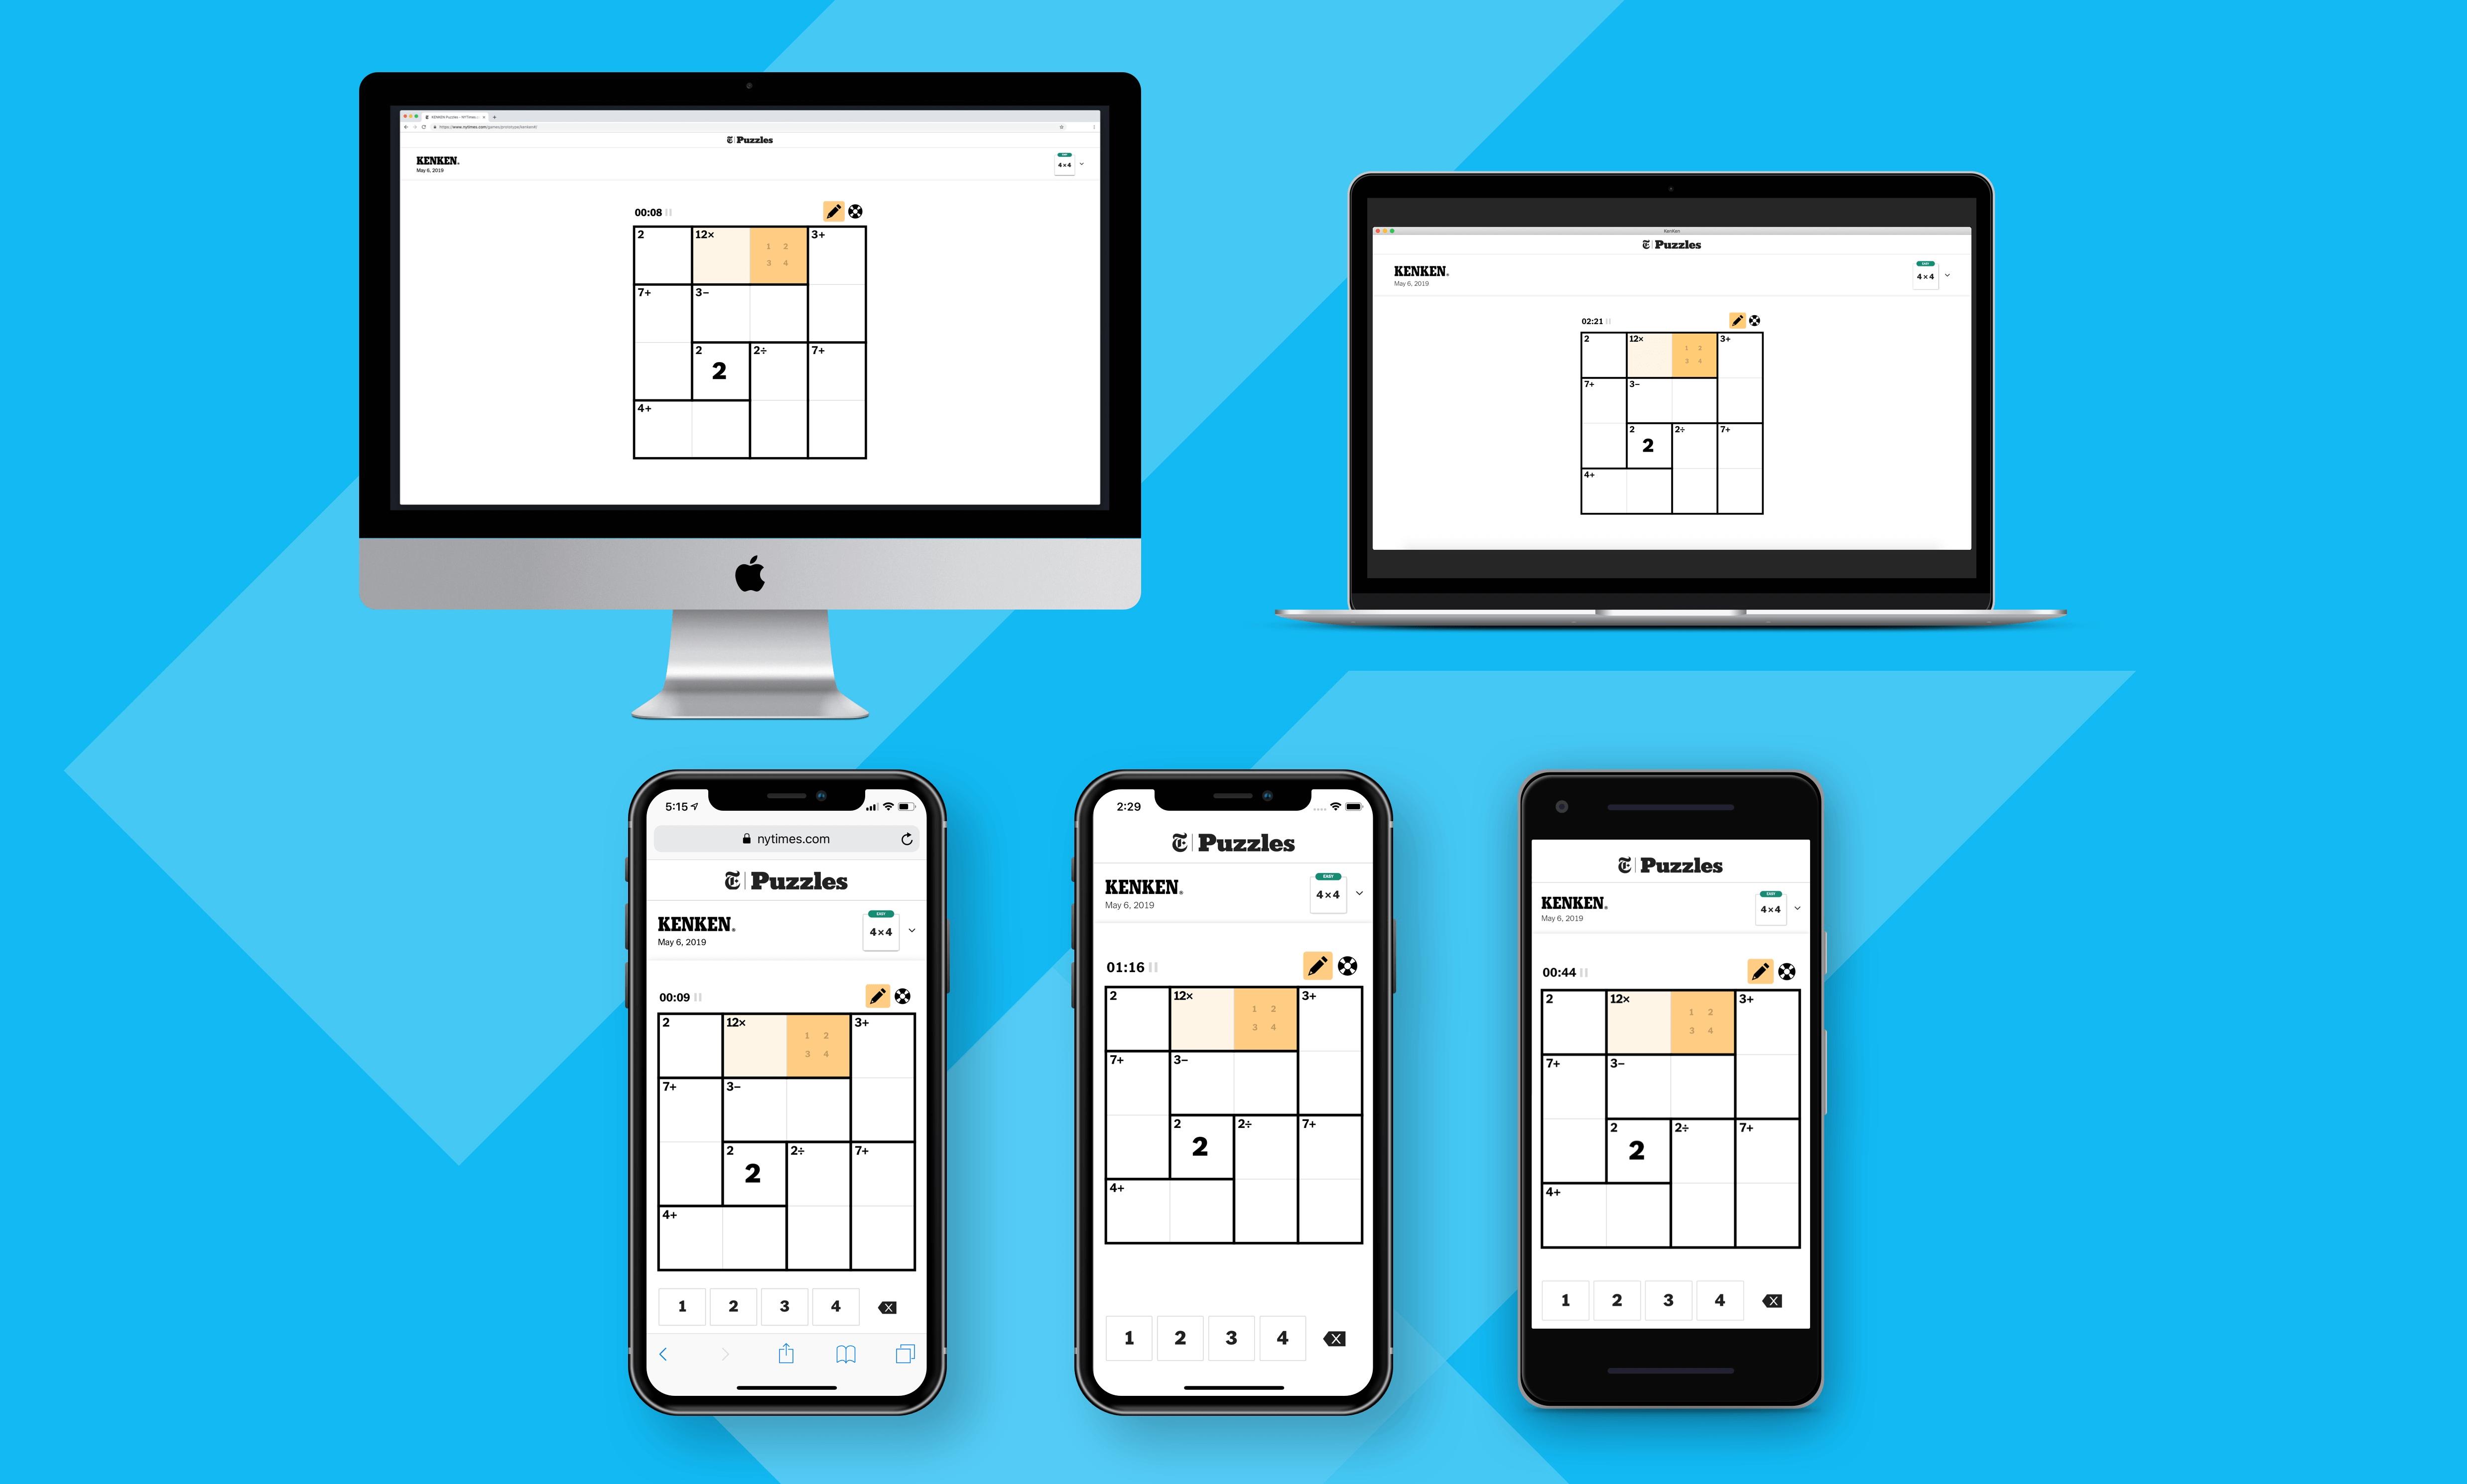 Modern multi-platform KENKEN game for The New York Times